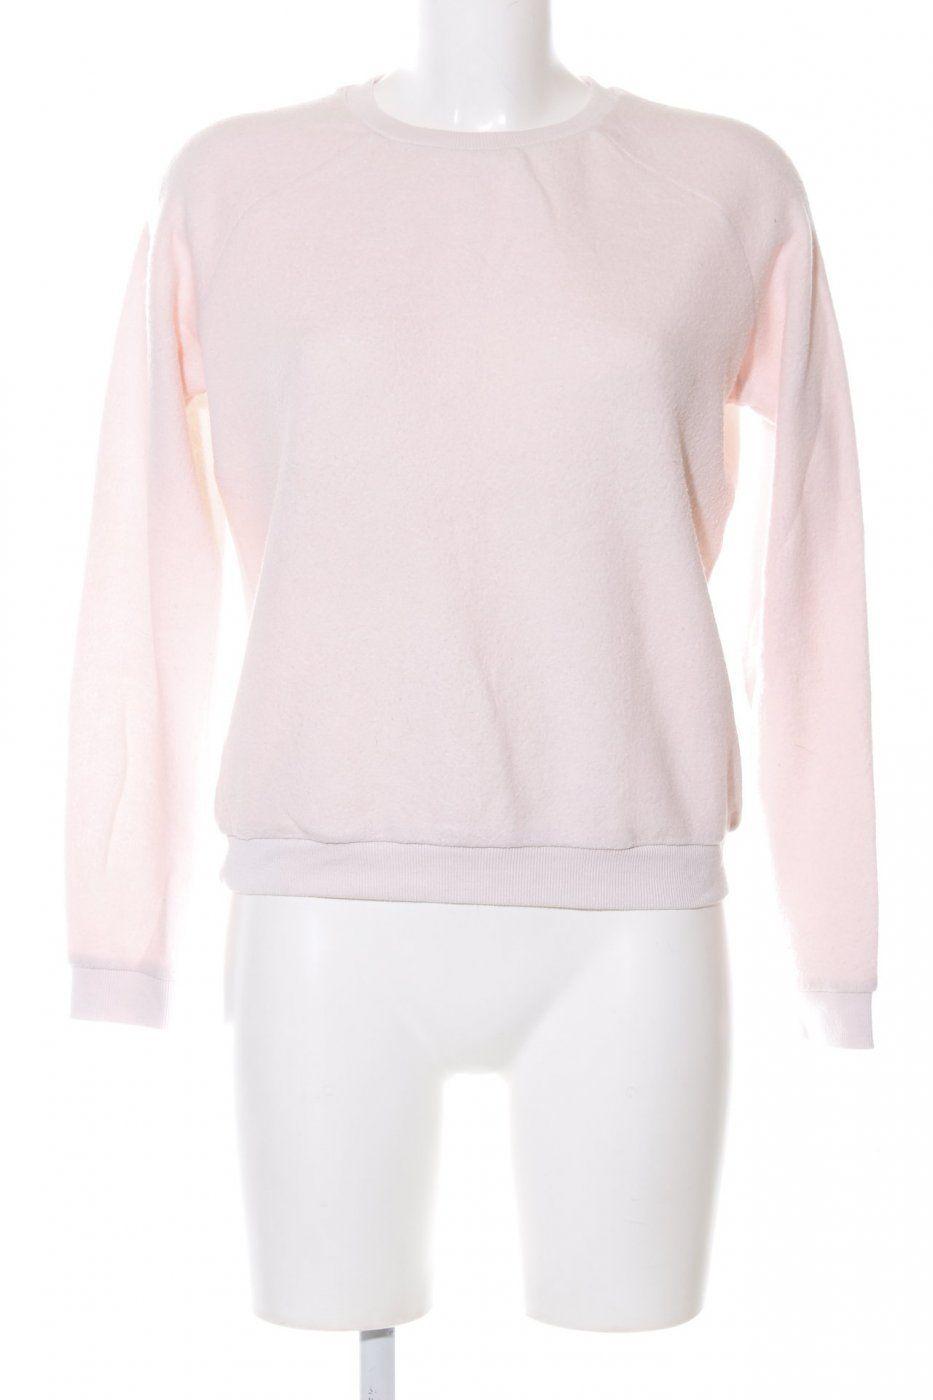 Asos Rundhalspullover pink Casual-Look | Mädchenflohmarkt